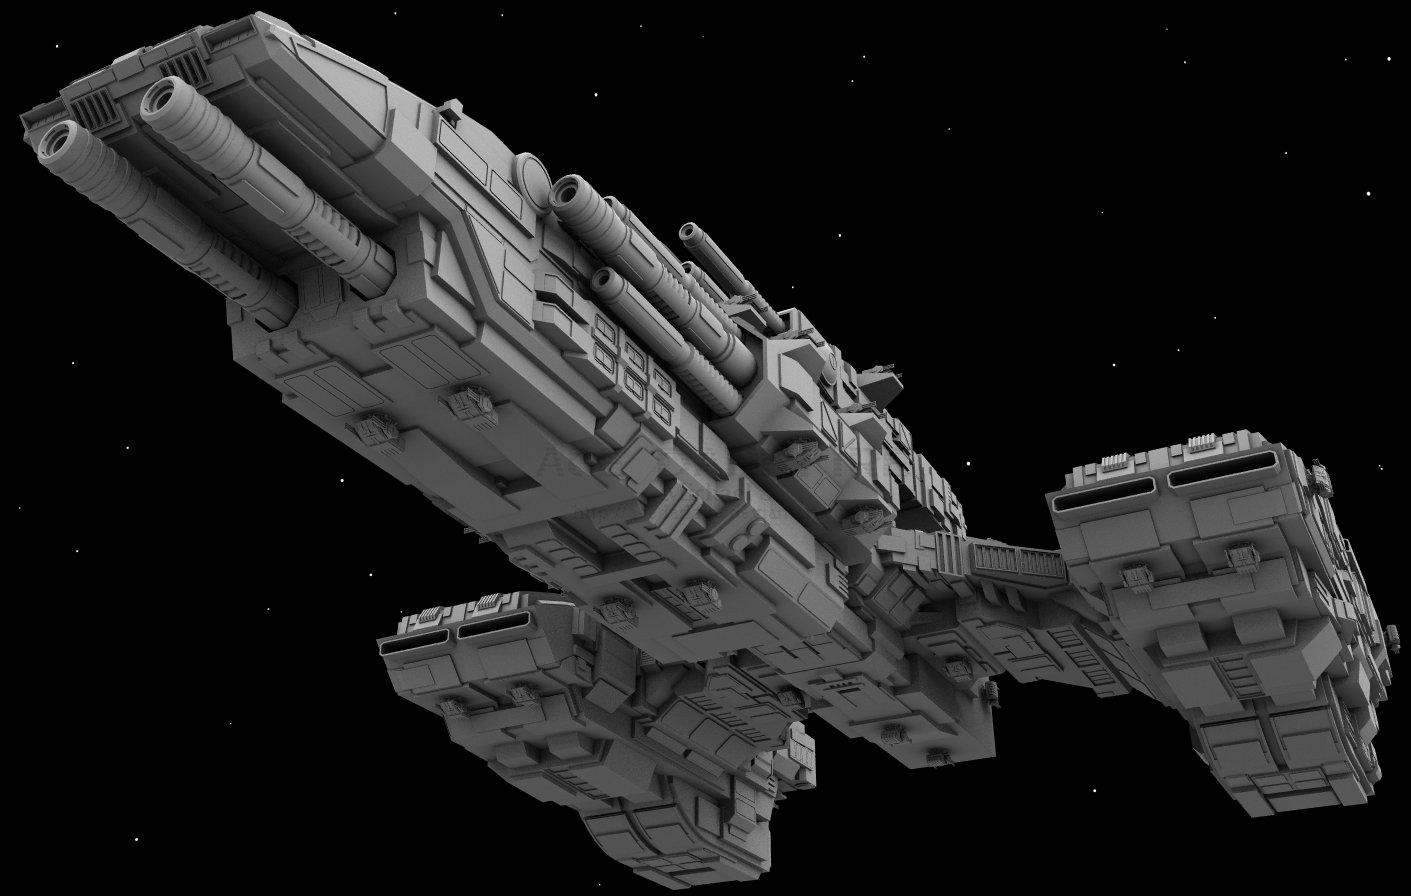 WiP8: BattleCruiser by AceDarkfire